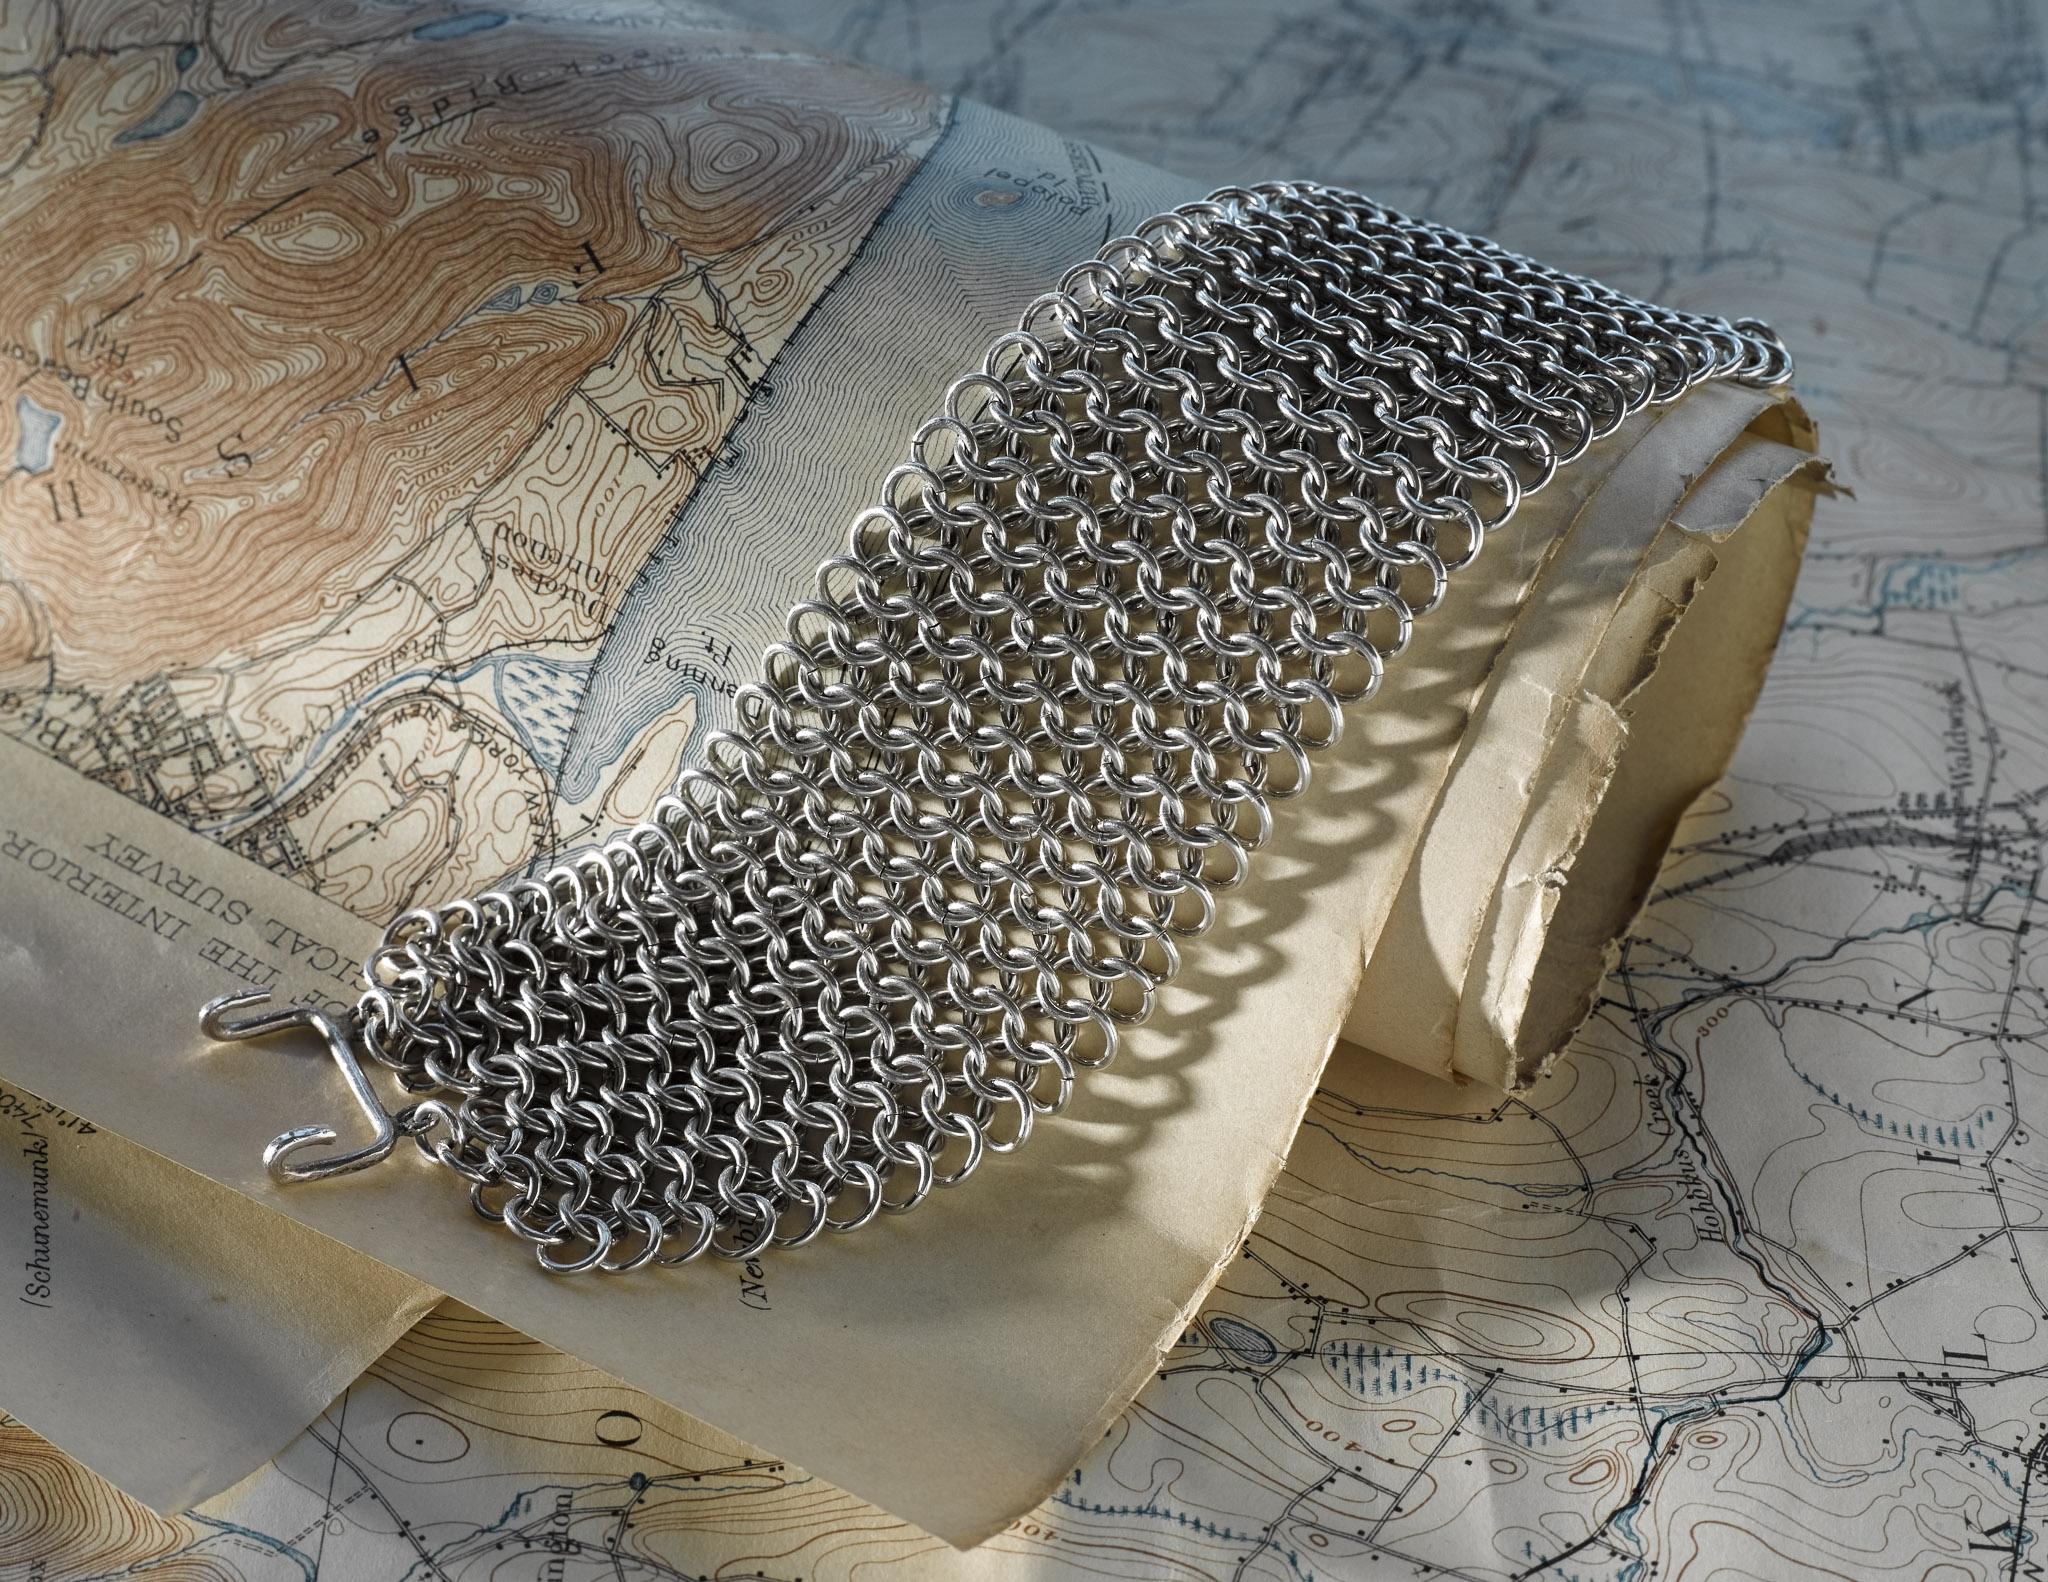 Jewelry_Chain_Mail_Bracelet_05.jpg